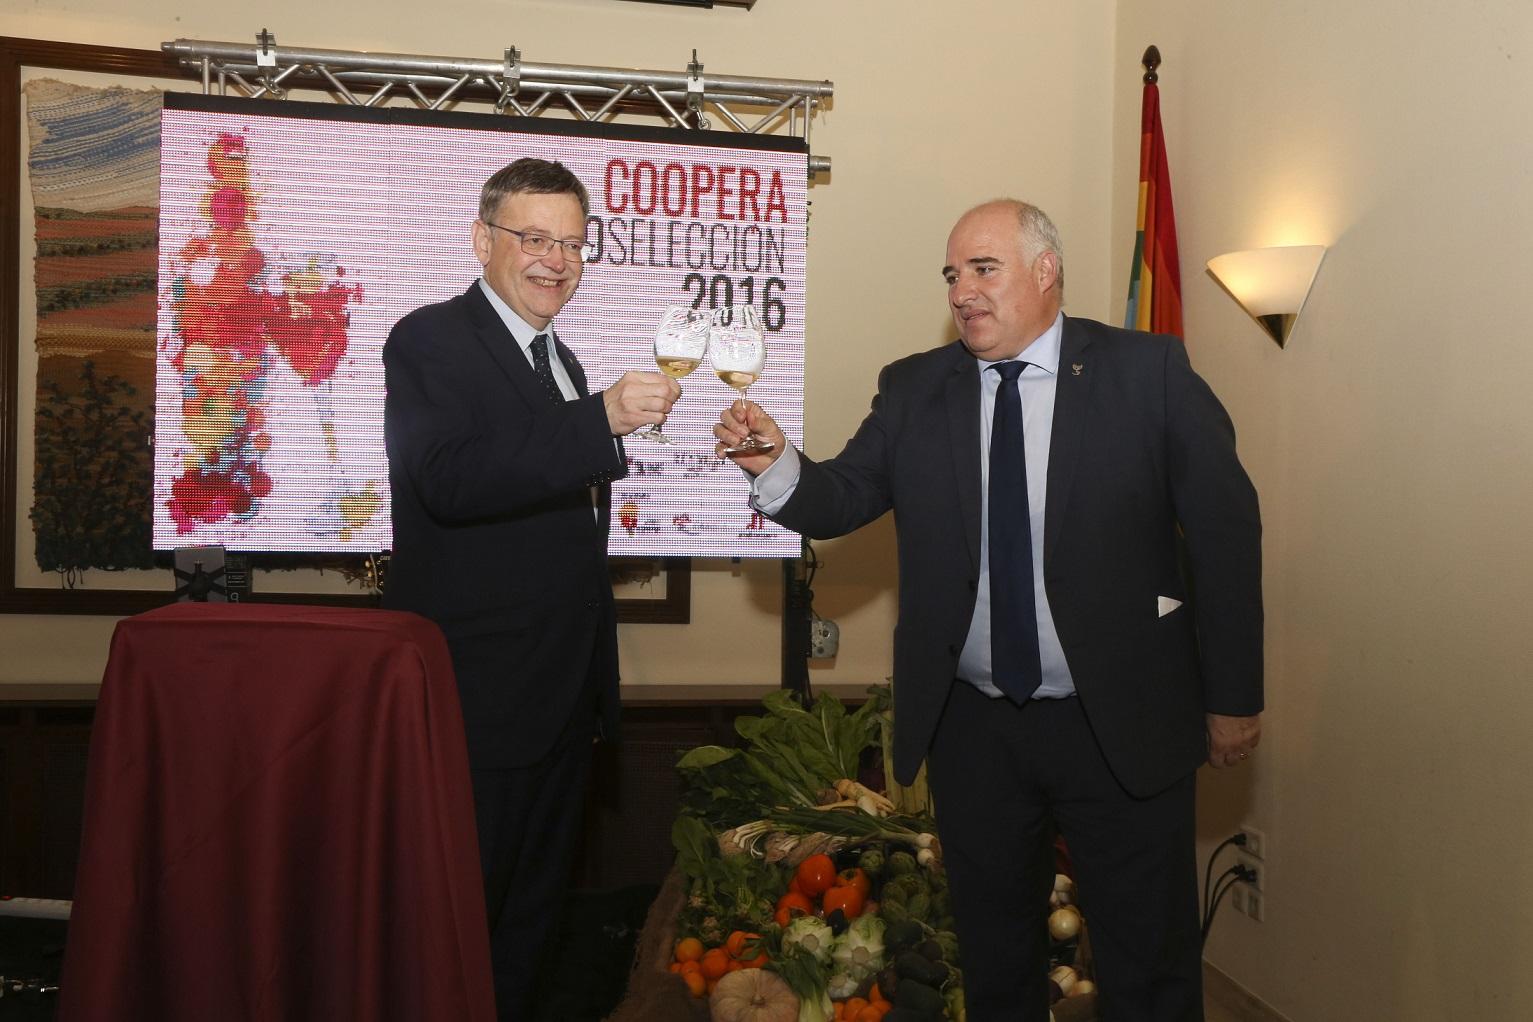 Puig asiste a la presentación de vinos cooperativos valencianos